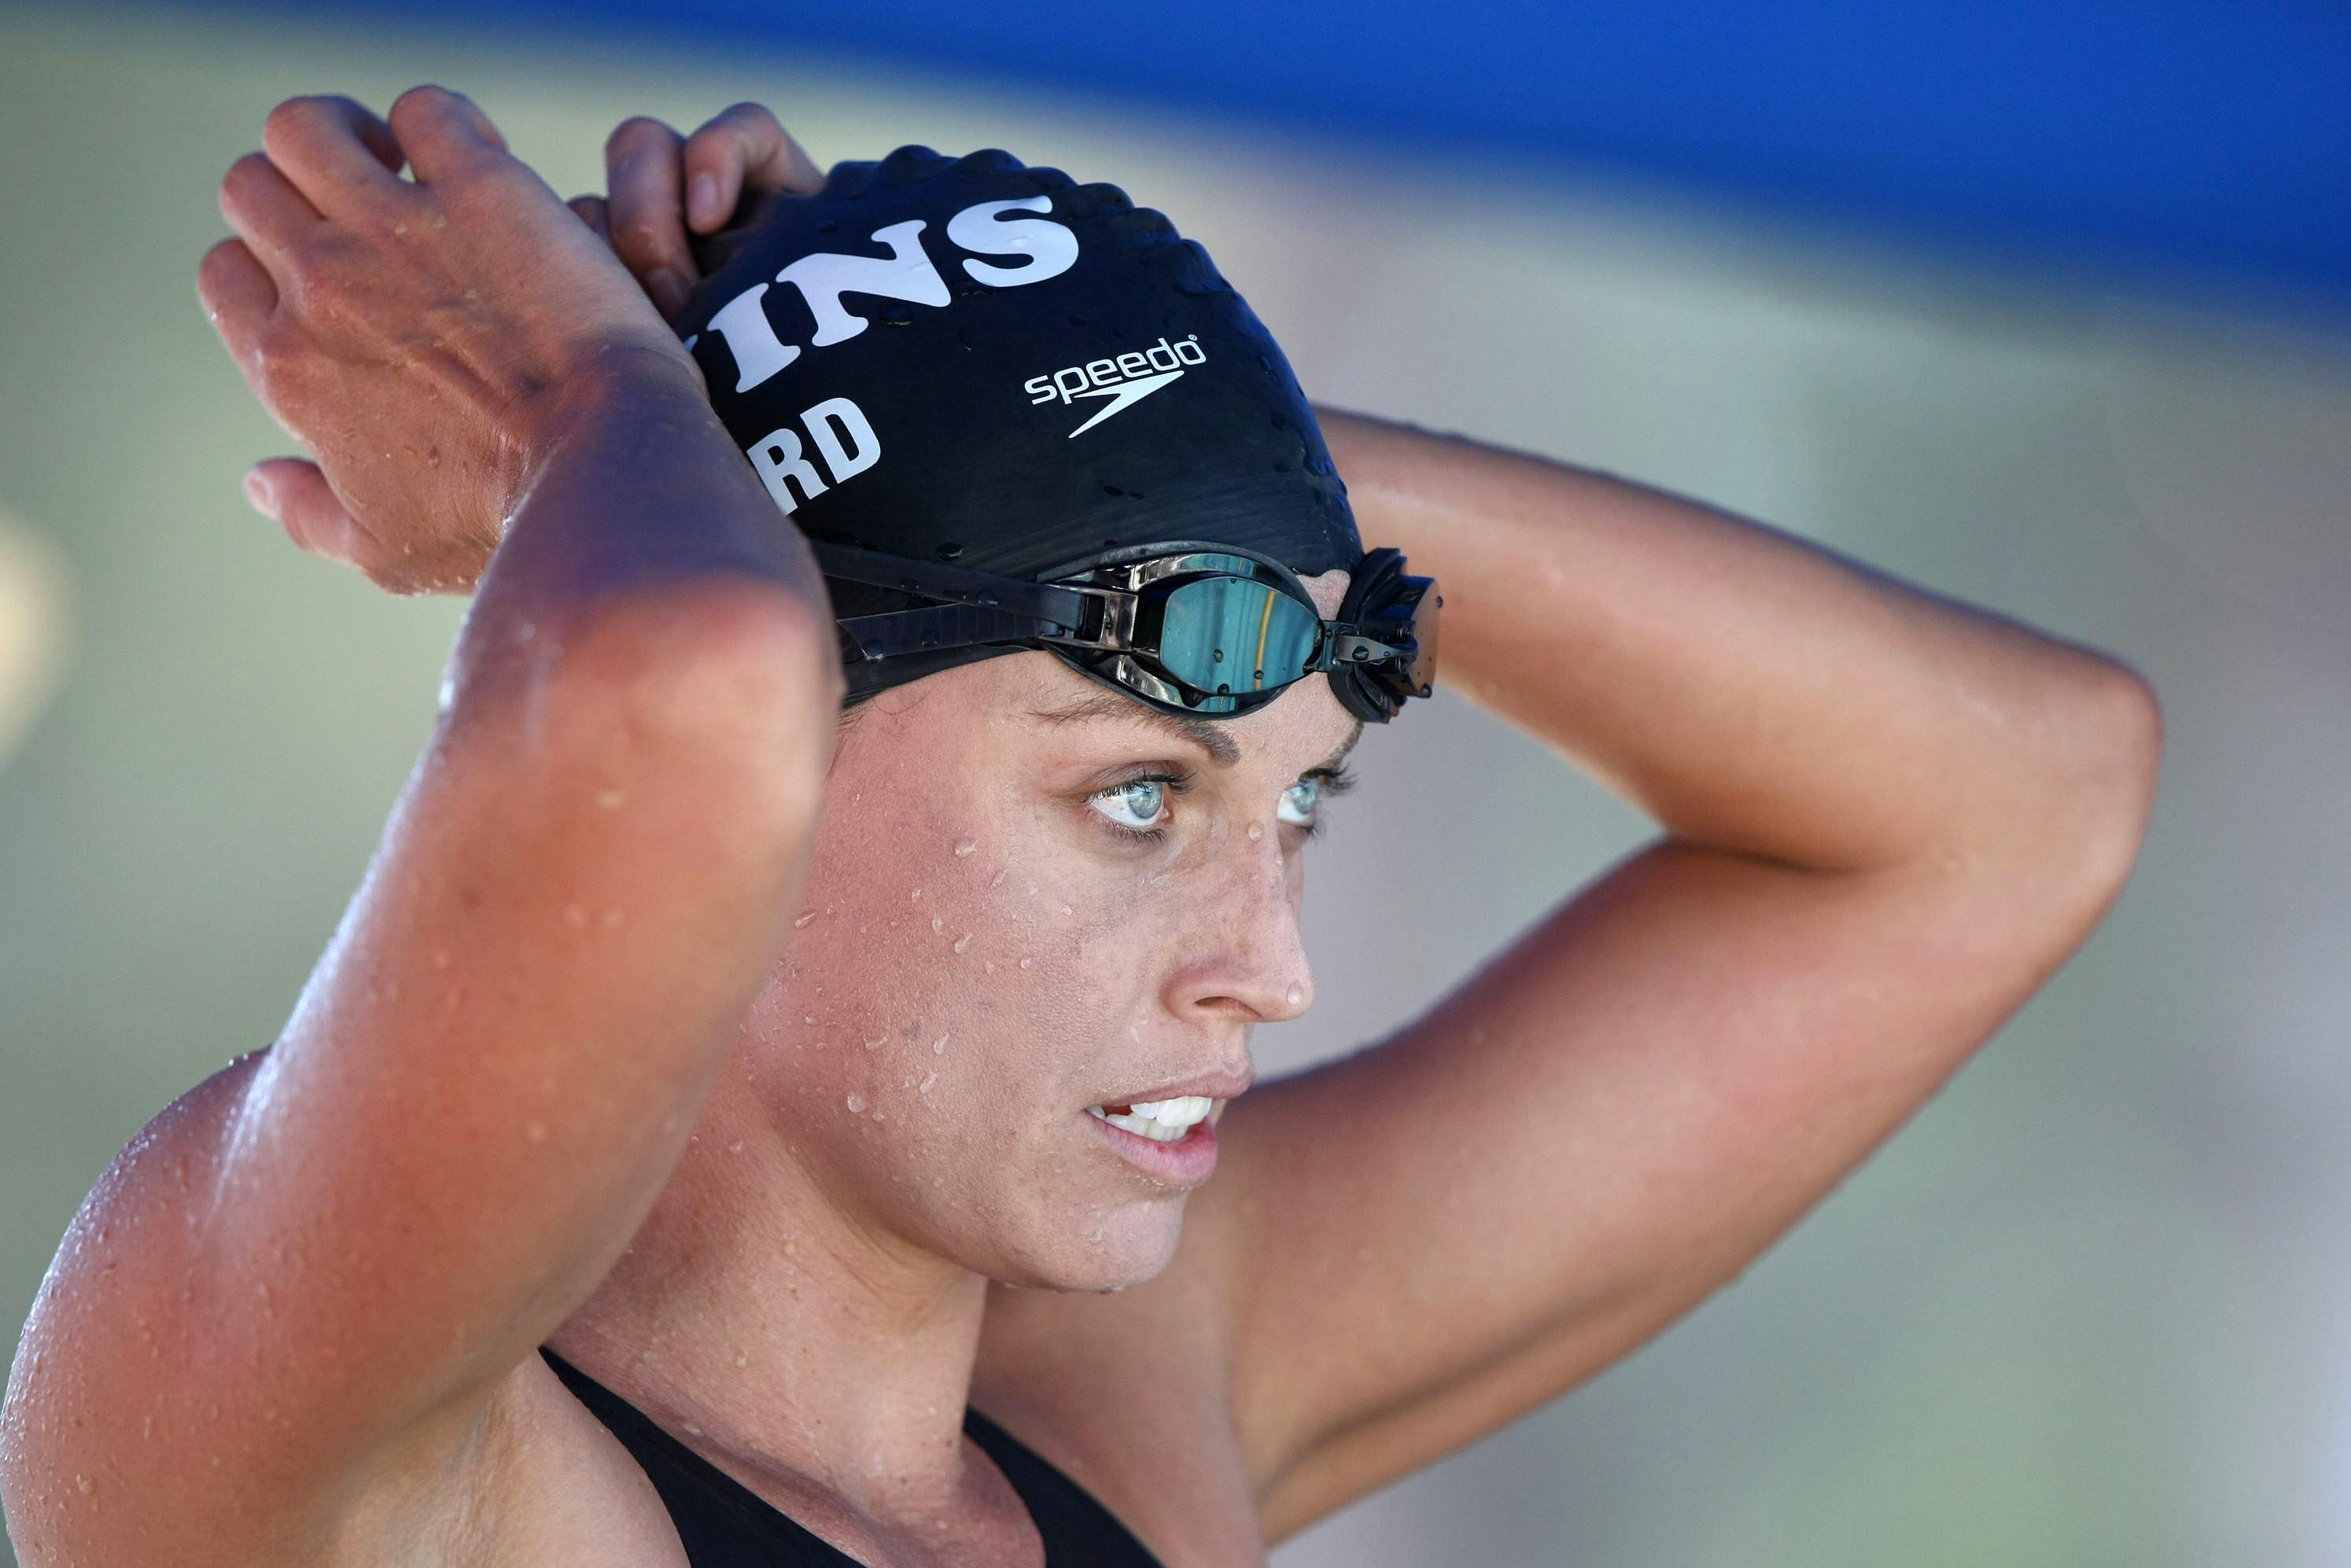 Amanda Beard Playboy Pics u.s. olympic swimmer amanda beard discusses personal turmoil